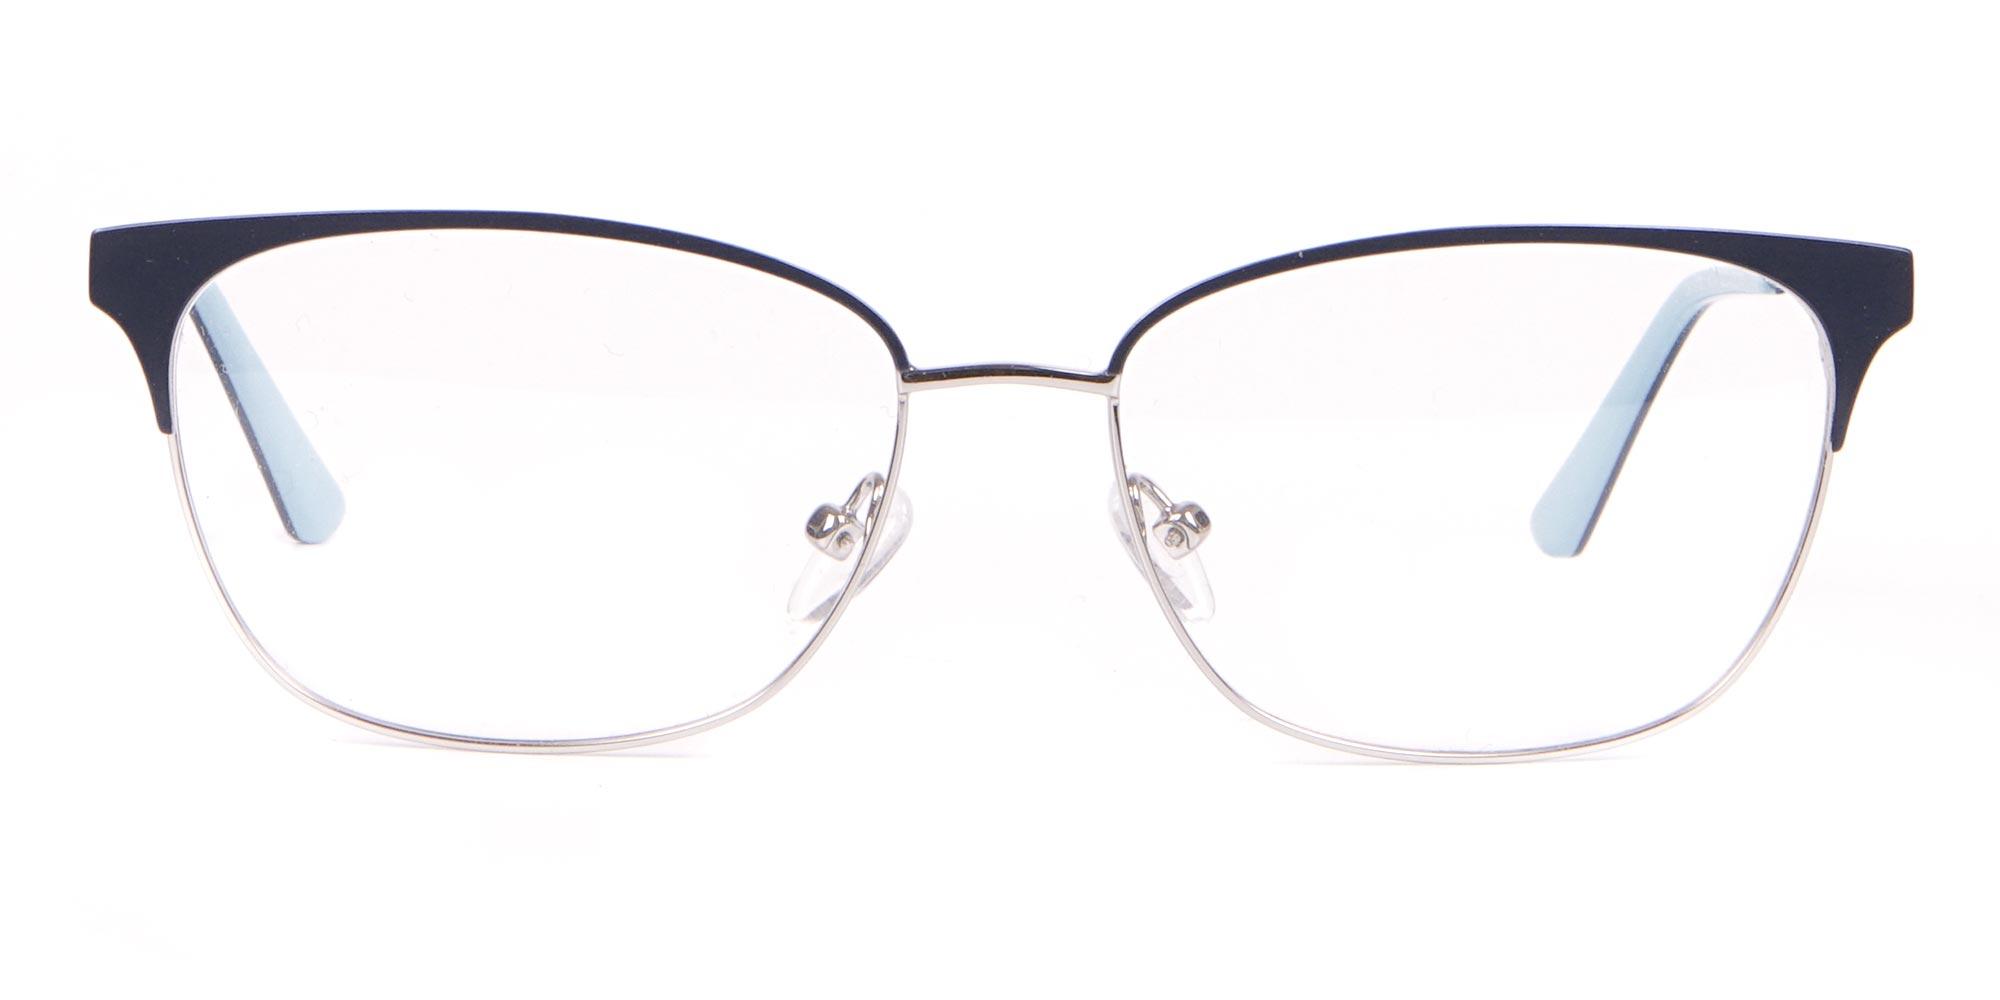 Calvin Klein Navy Blue Glasses for oval shape face